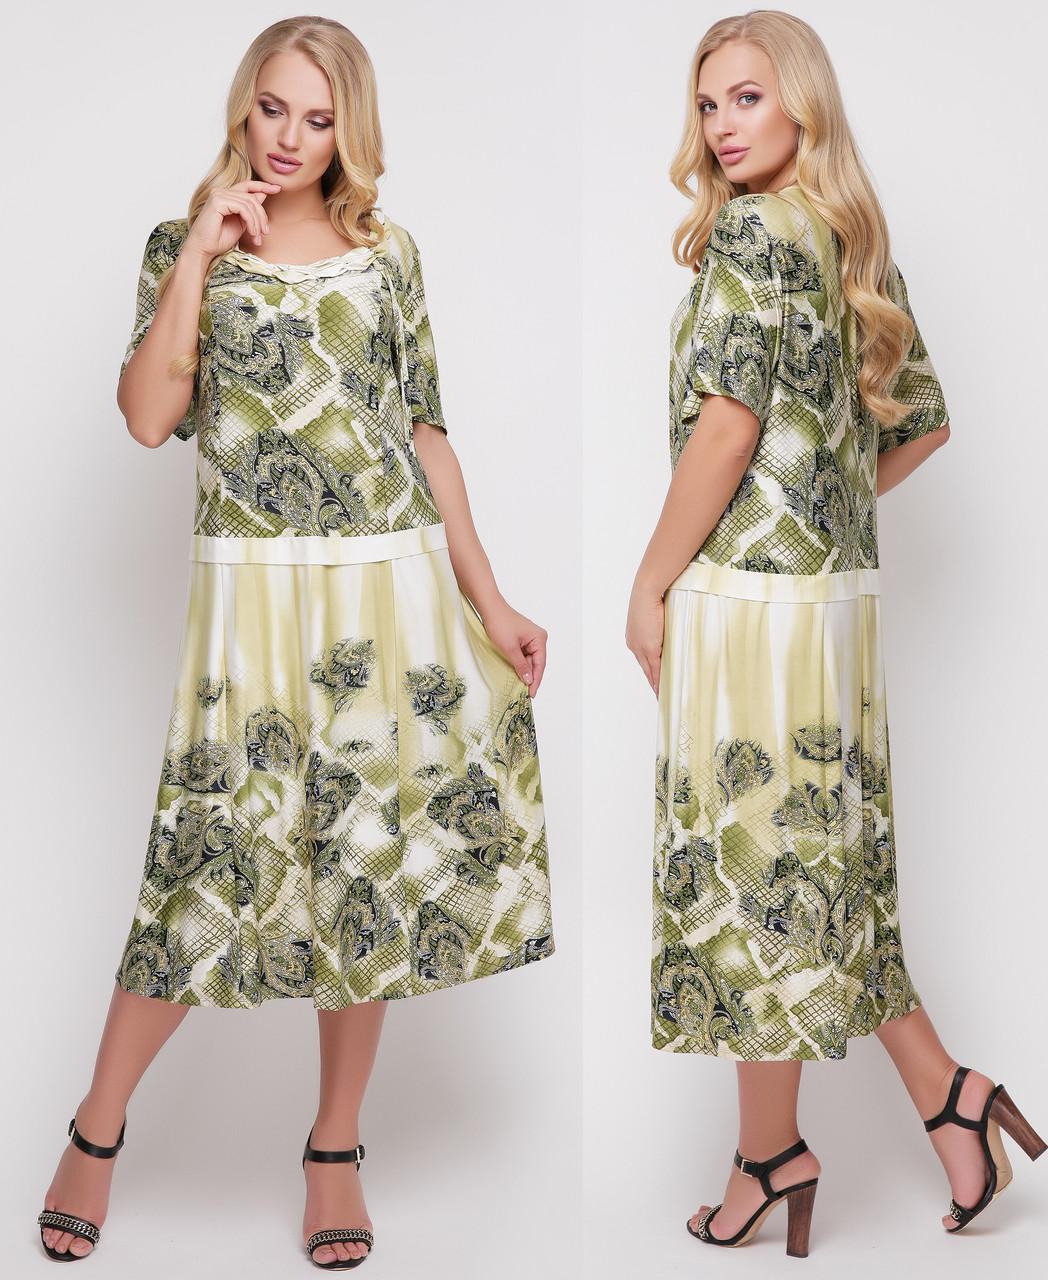 691e039183a Длинное батальное платье летнее больших размеров женское трикотаж масло